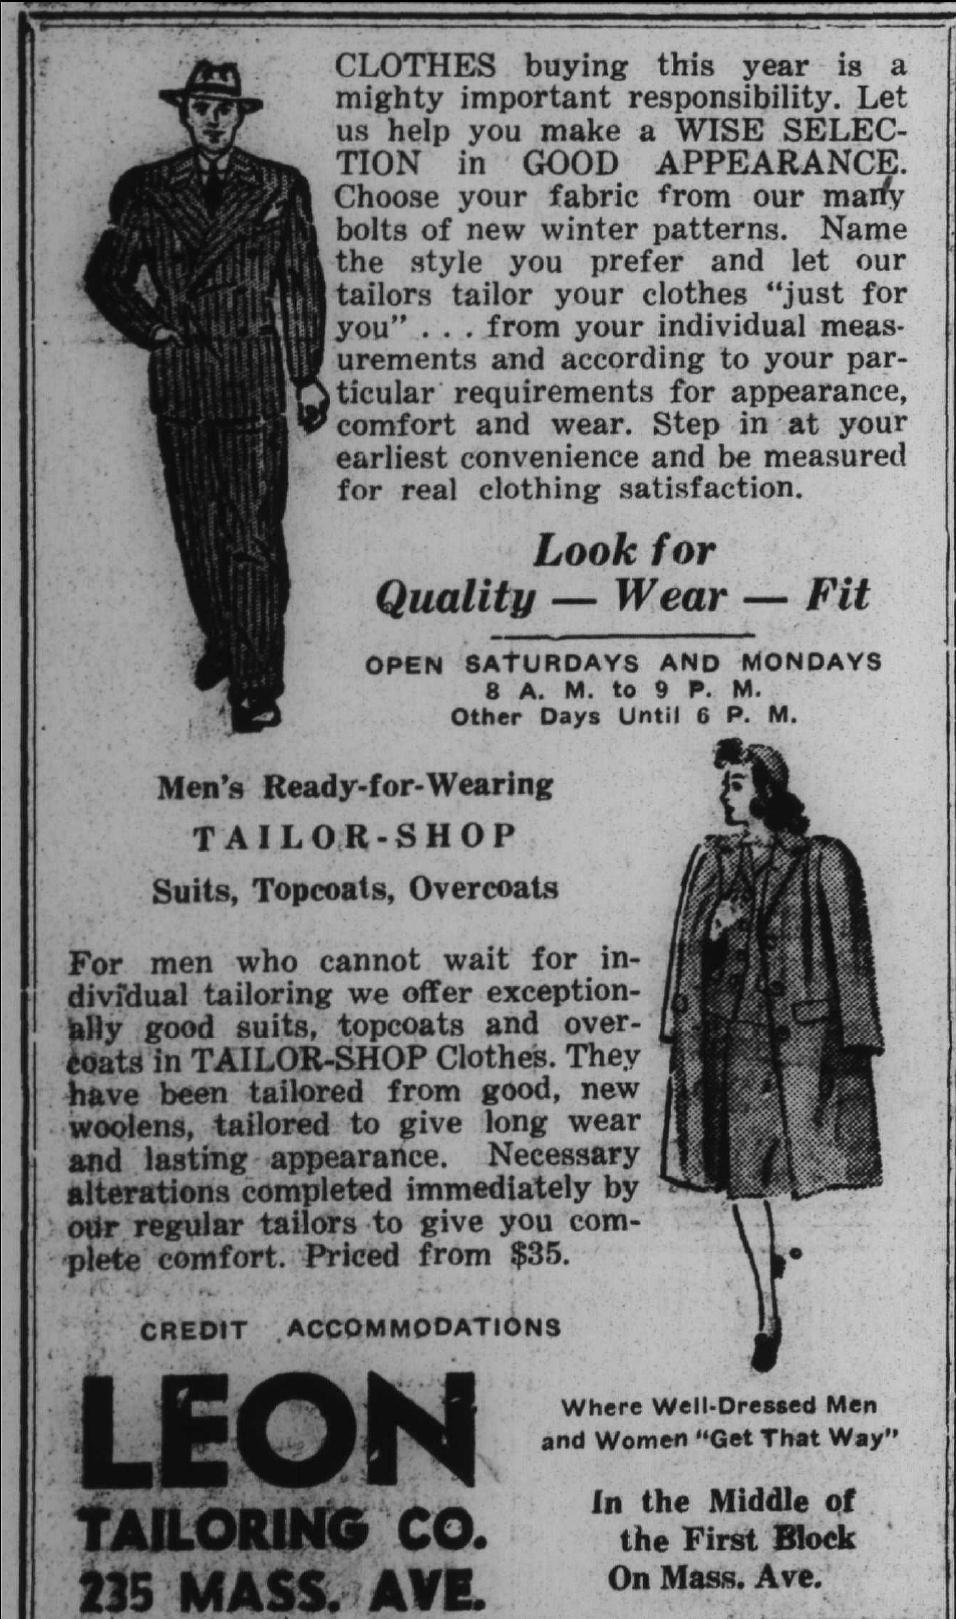 Sunday Adverts: Leon Tailoring